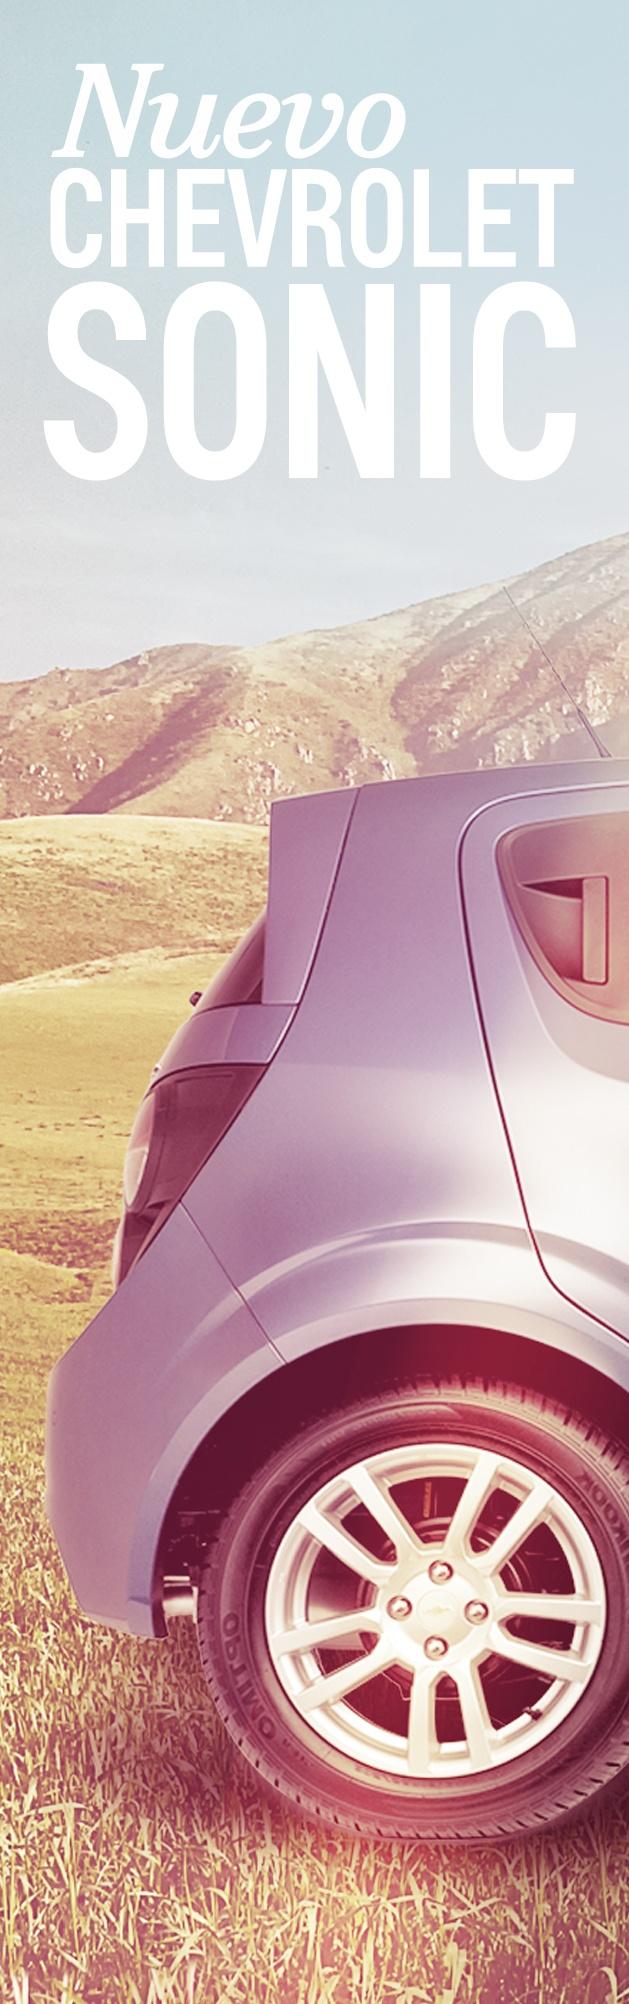 Foto 1. Completa la imagen y descubre más formas de vivir la aventura. #ChevroletSonicLlego